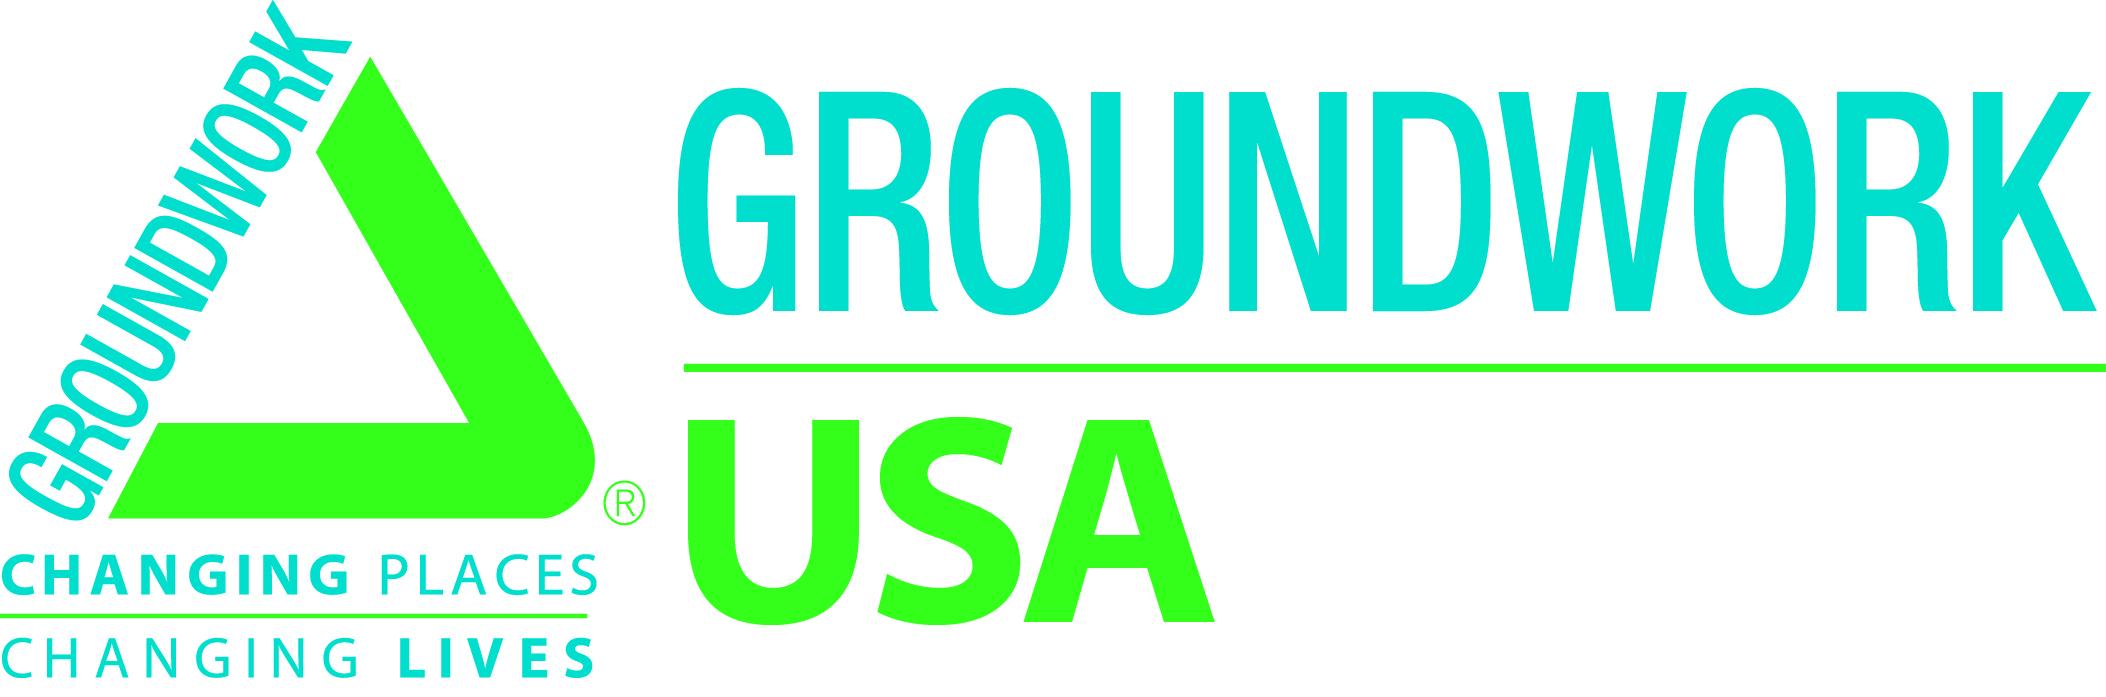 GroundworkUSA_LogoExtended_300dpi.jpg